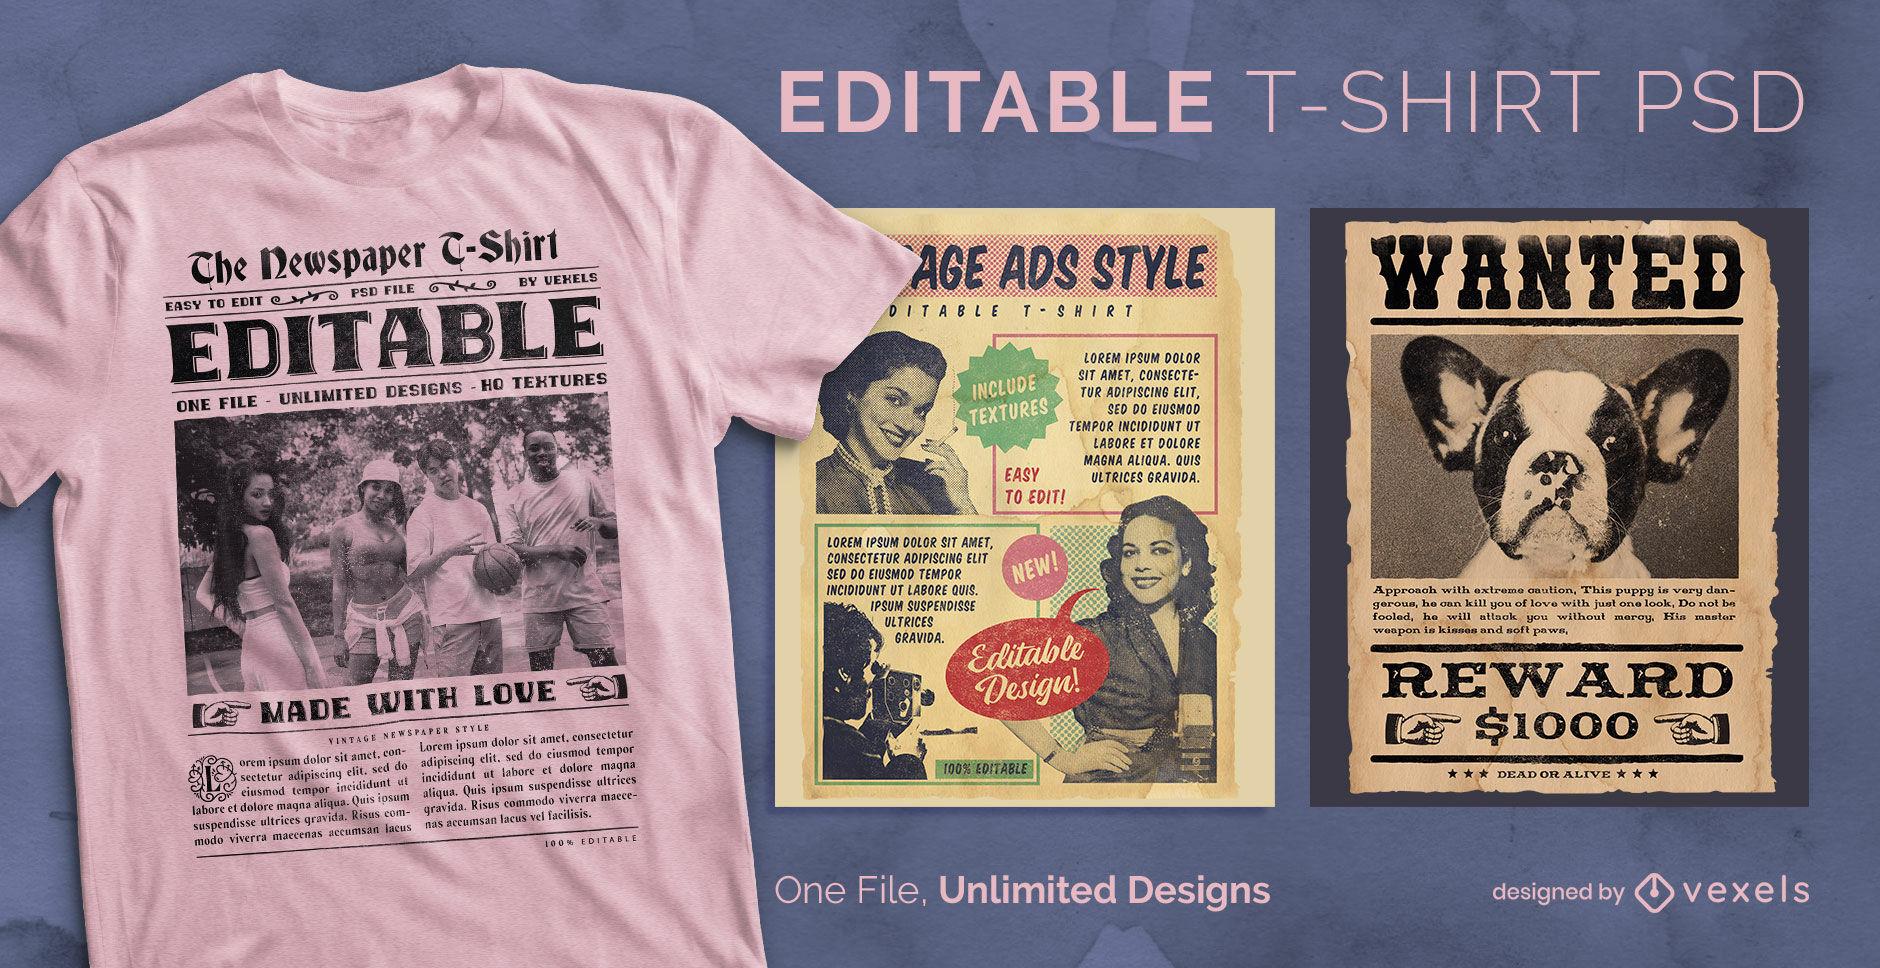 Vintage Zeitung skalierbares T-Shirt PSD